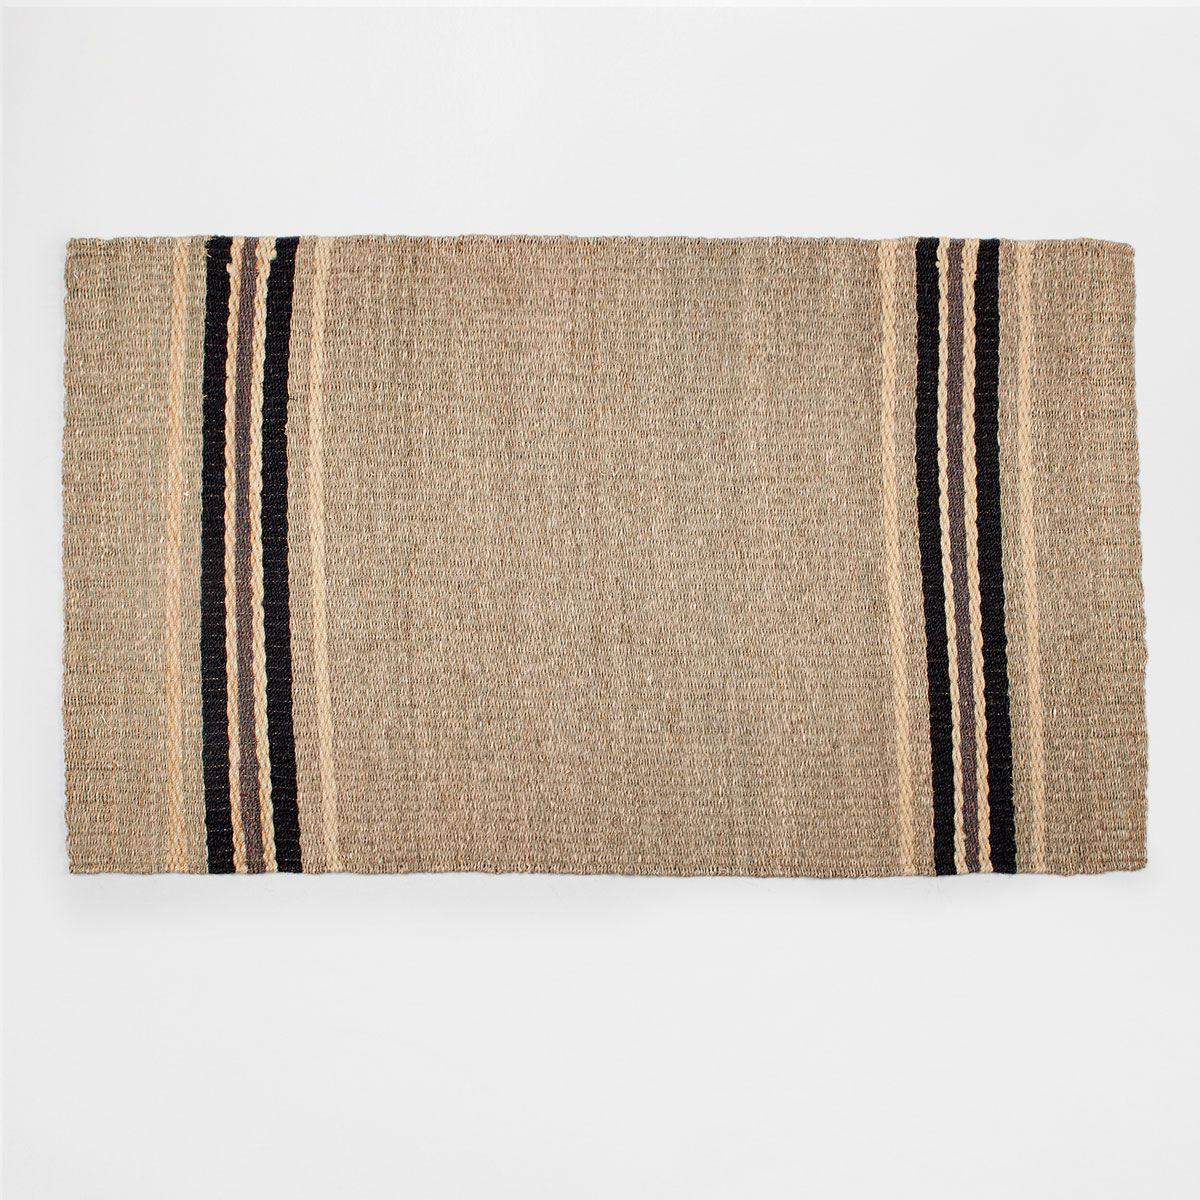 Afbeelding 1 van het product Zwart gestreept tapijt van natuurlijke vezels